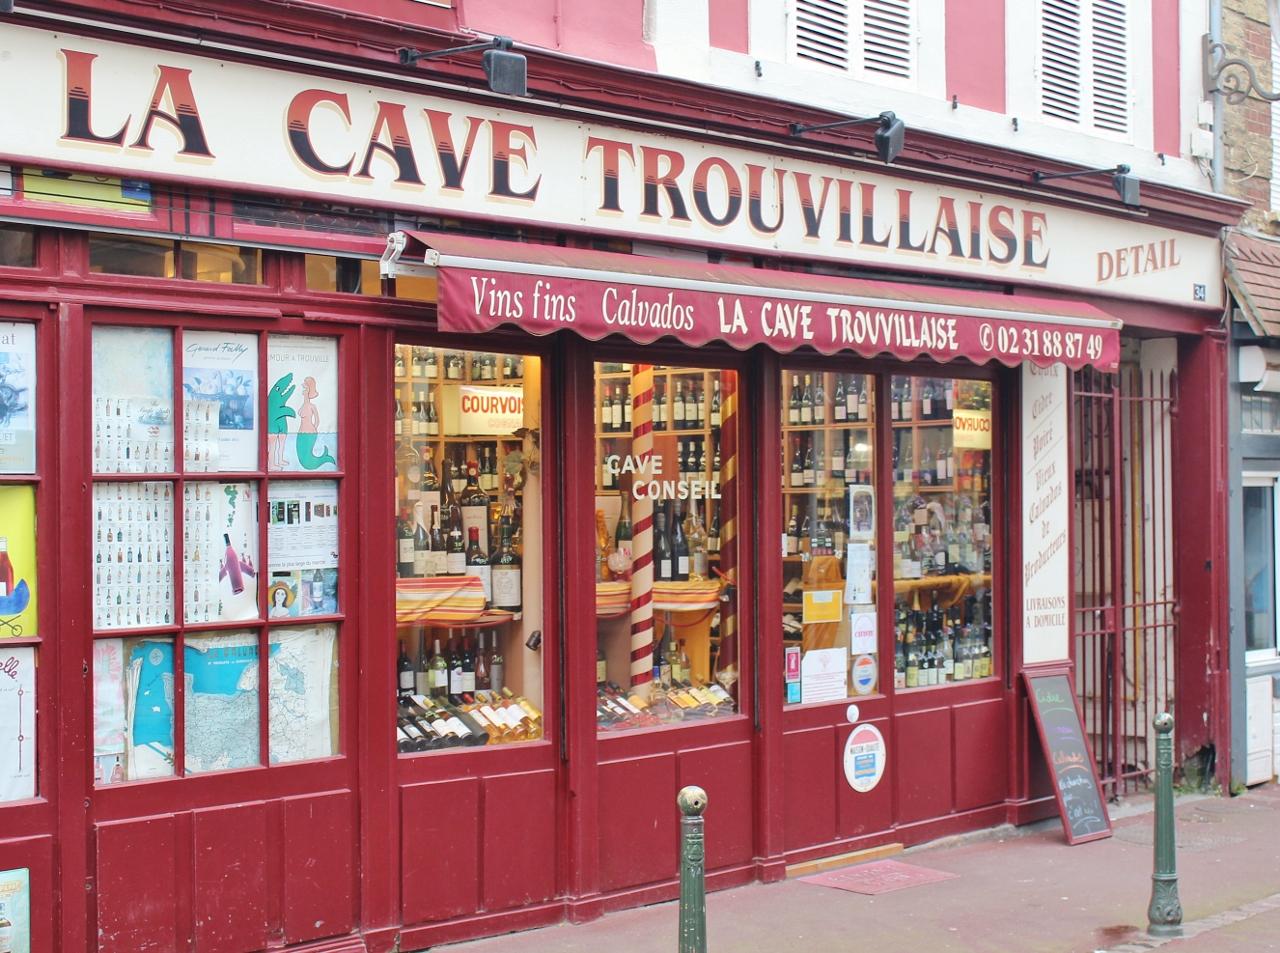 20 Trouville, La Cave Trouvillaise